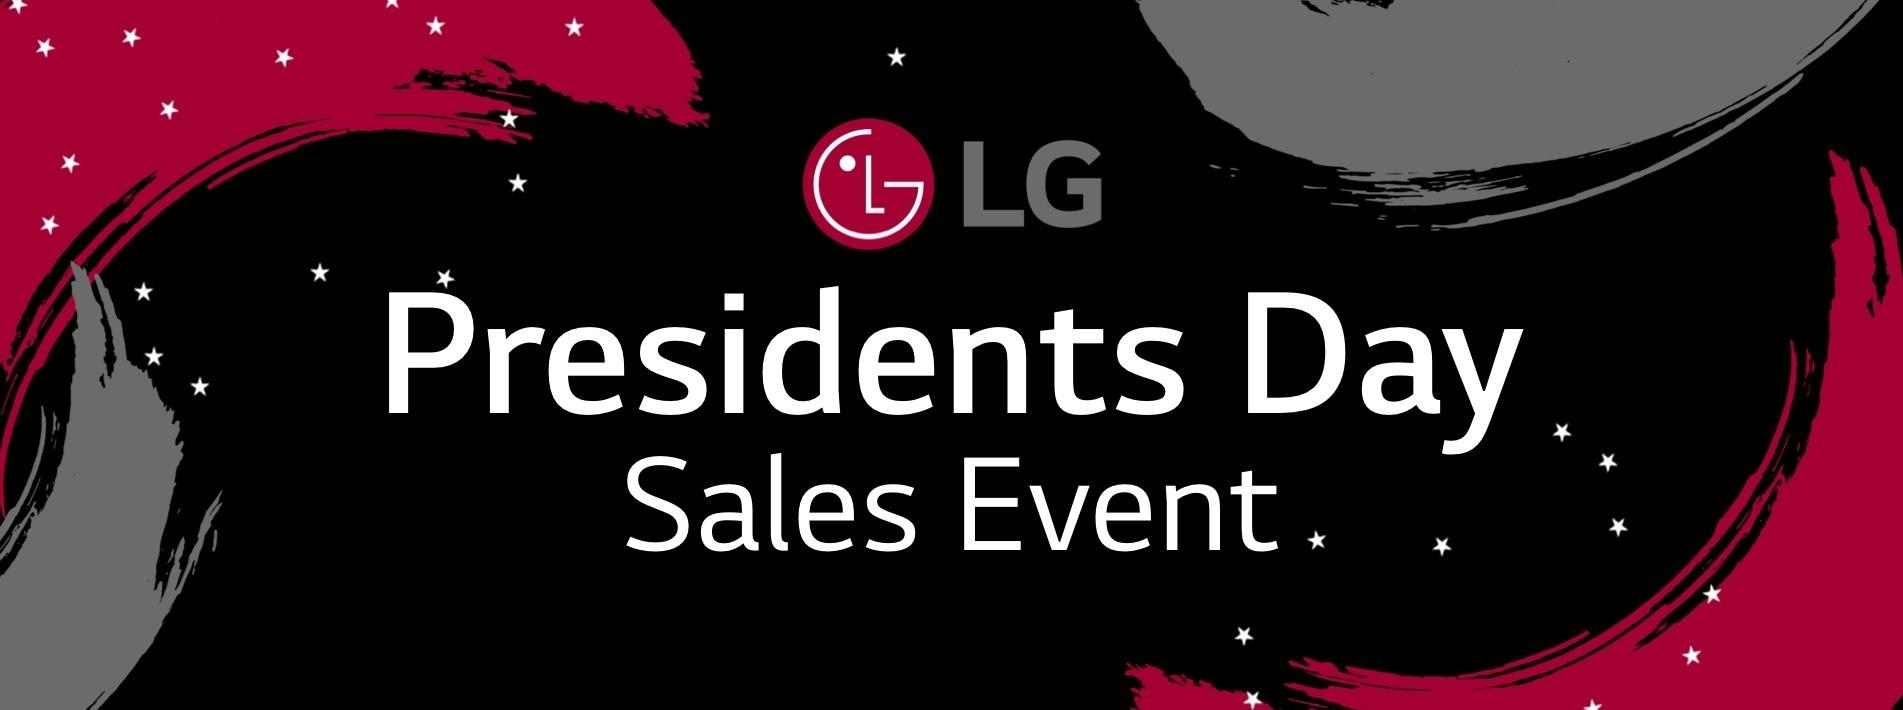 LG-Presidents-Day-2021